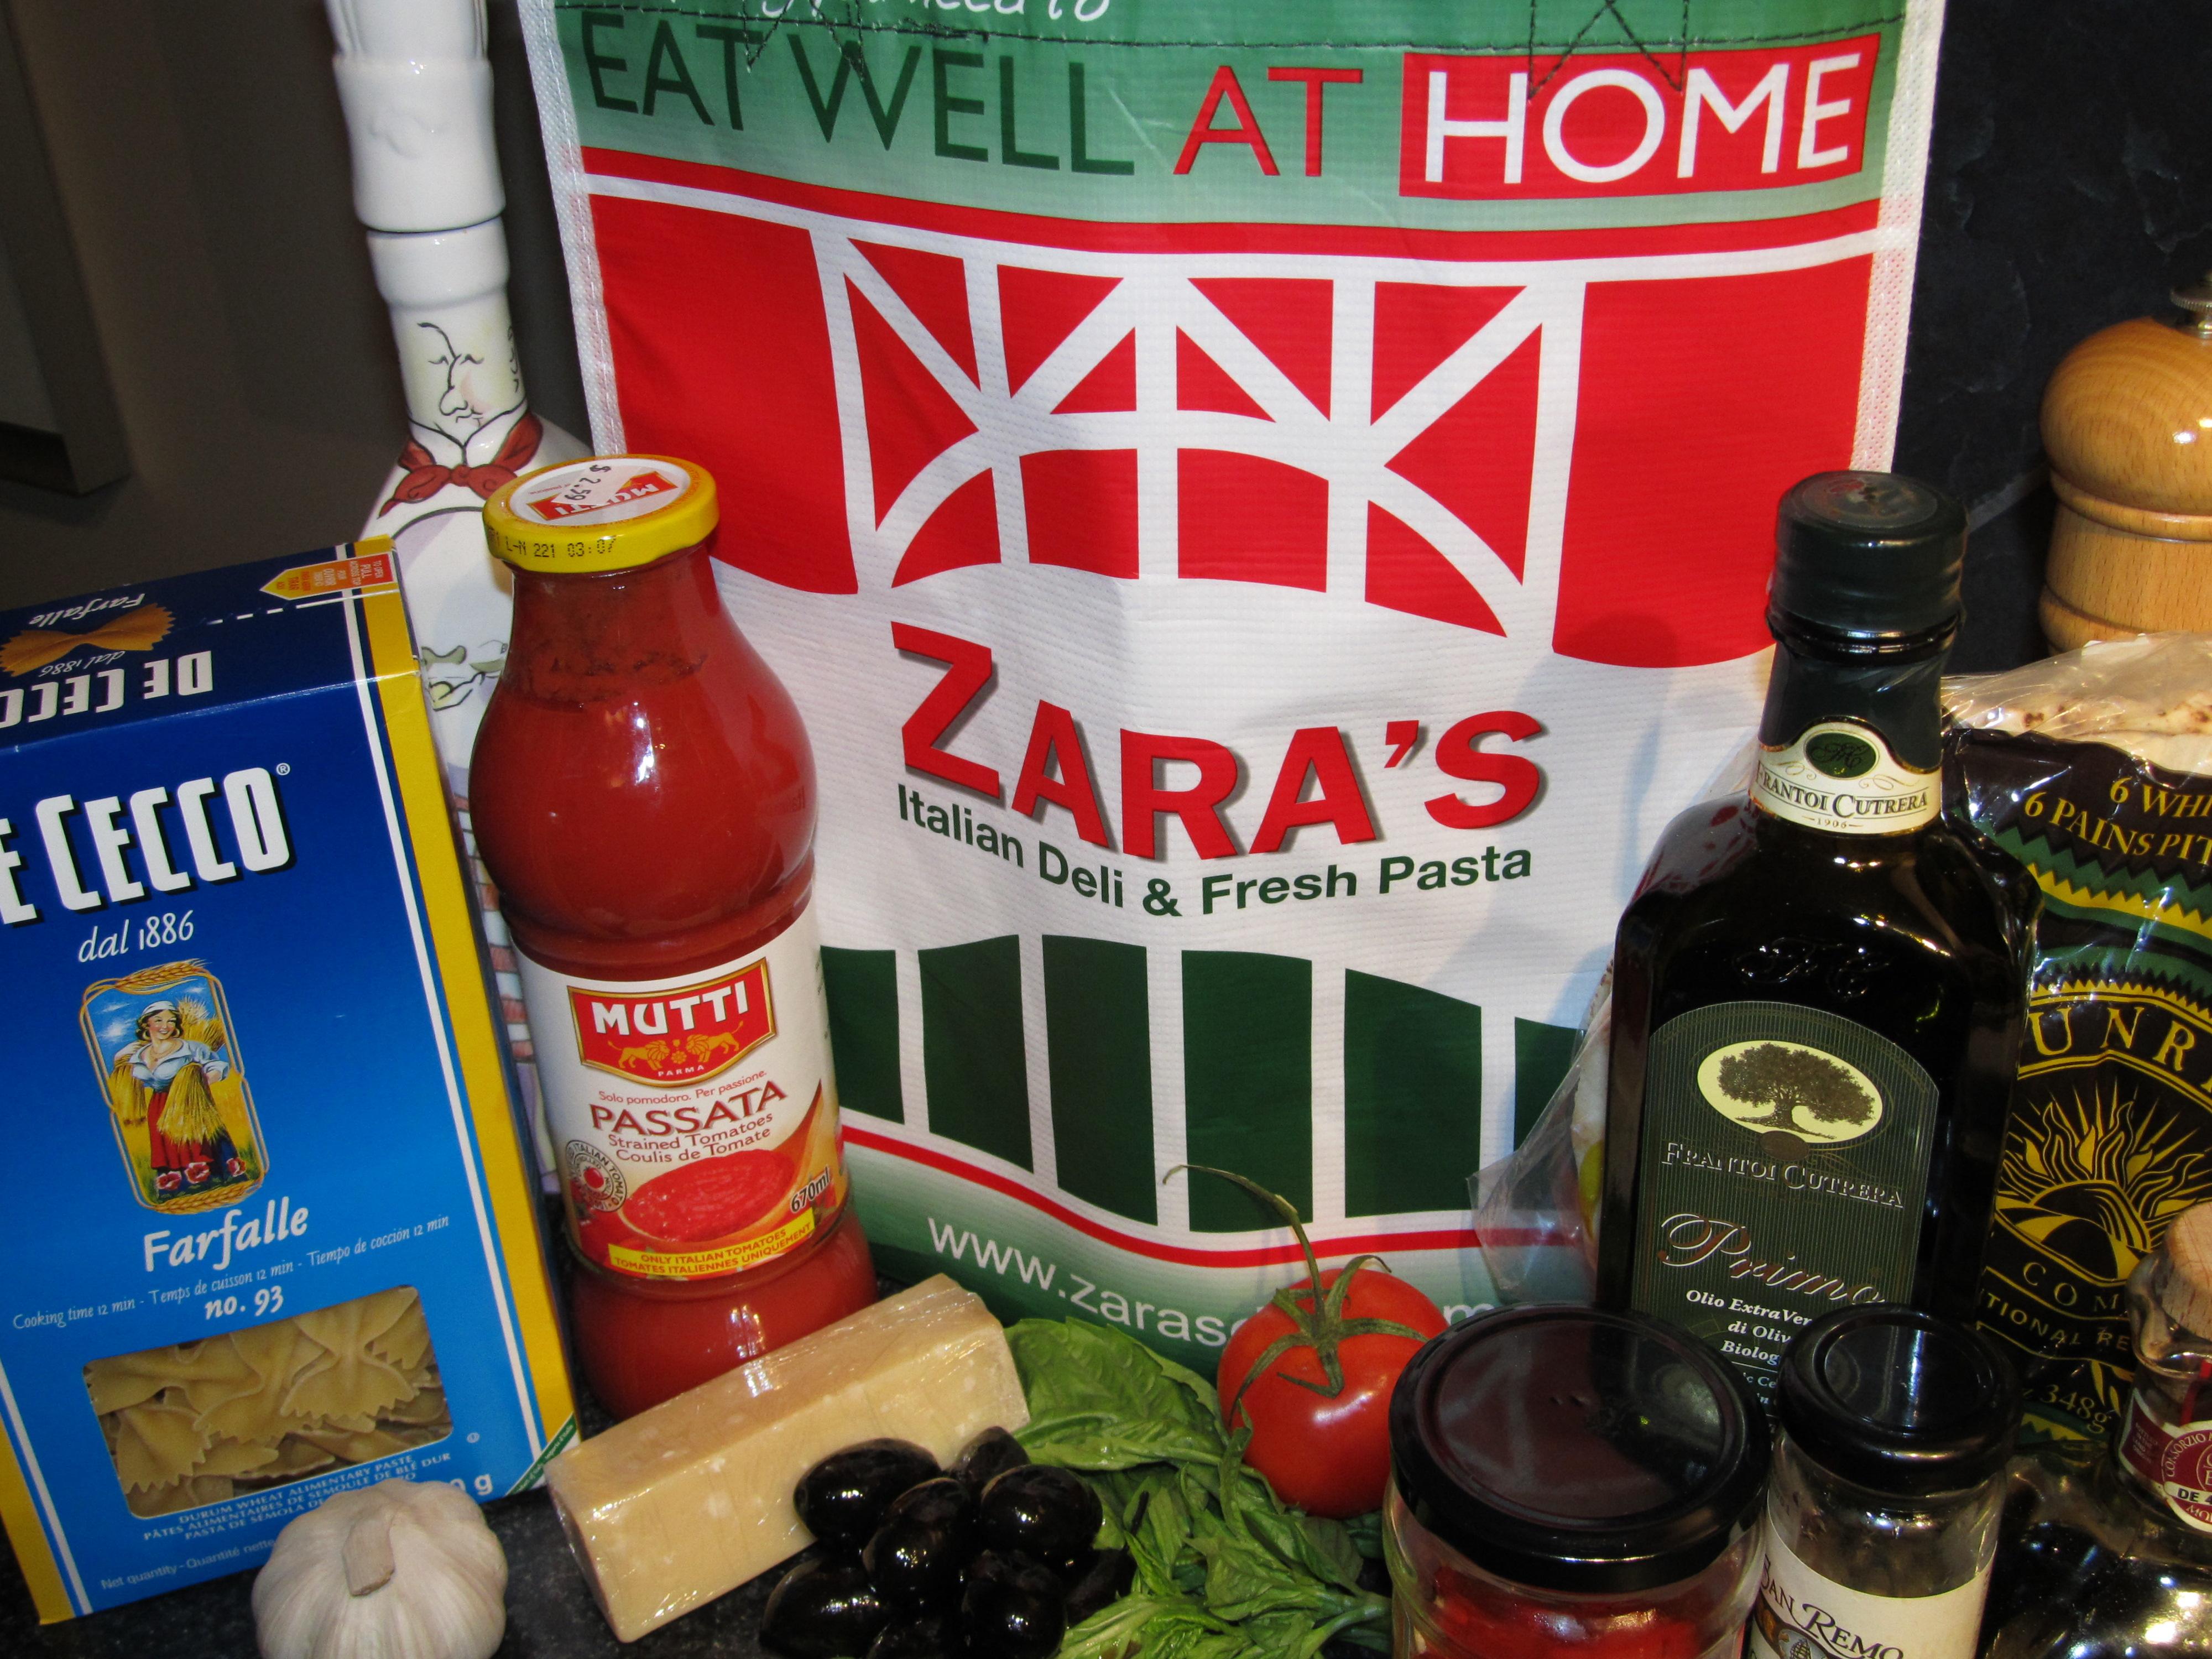 Zara's Italian Deli